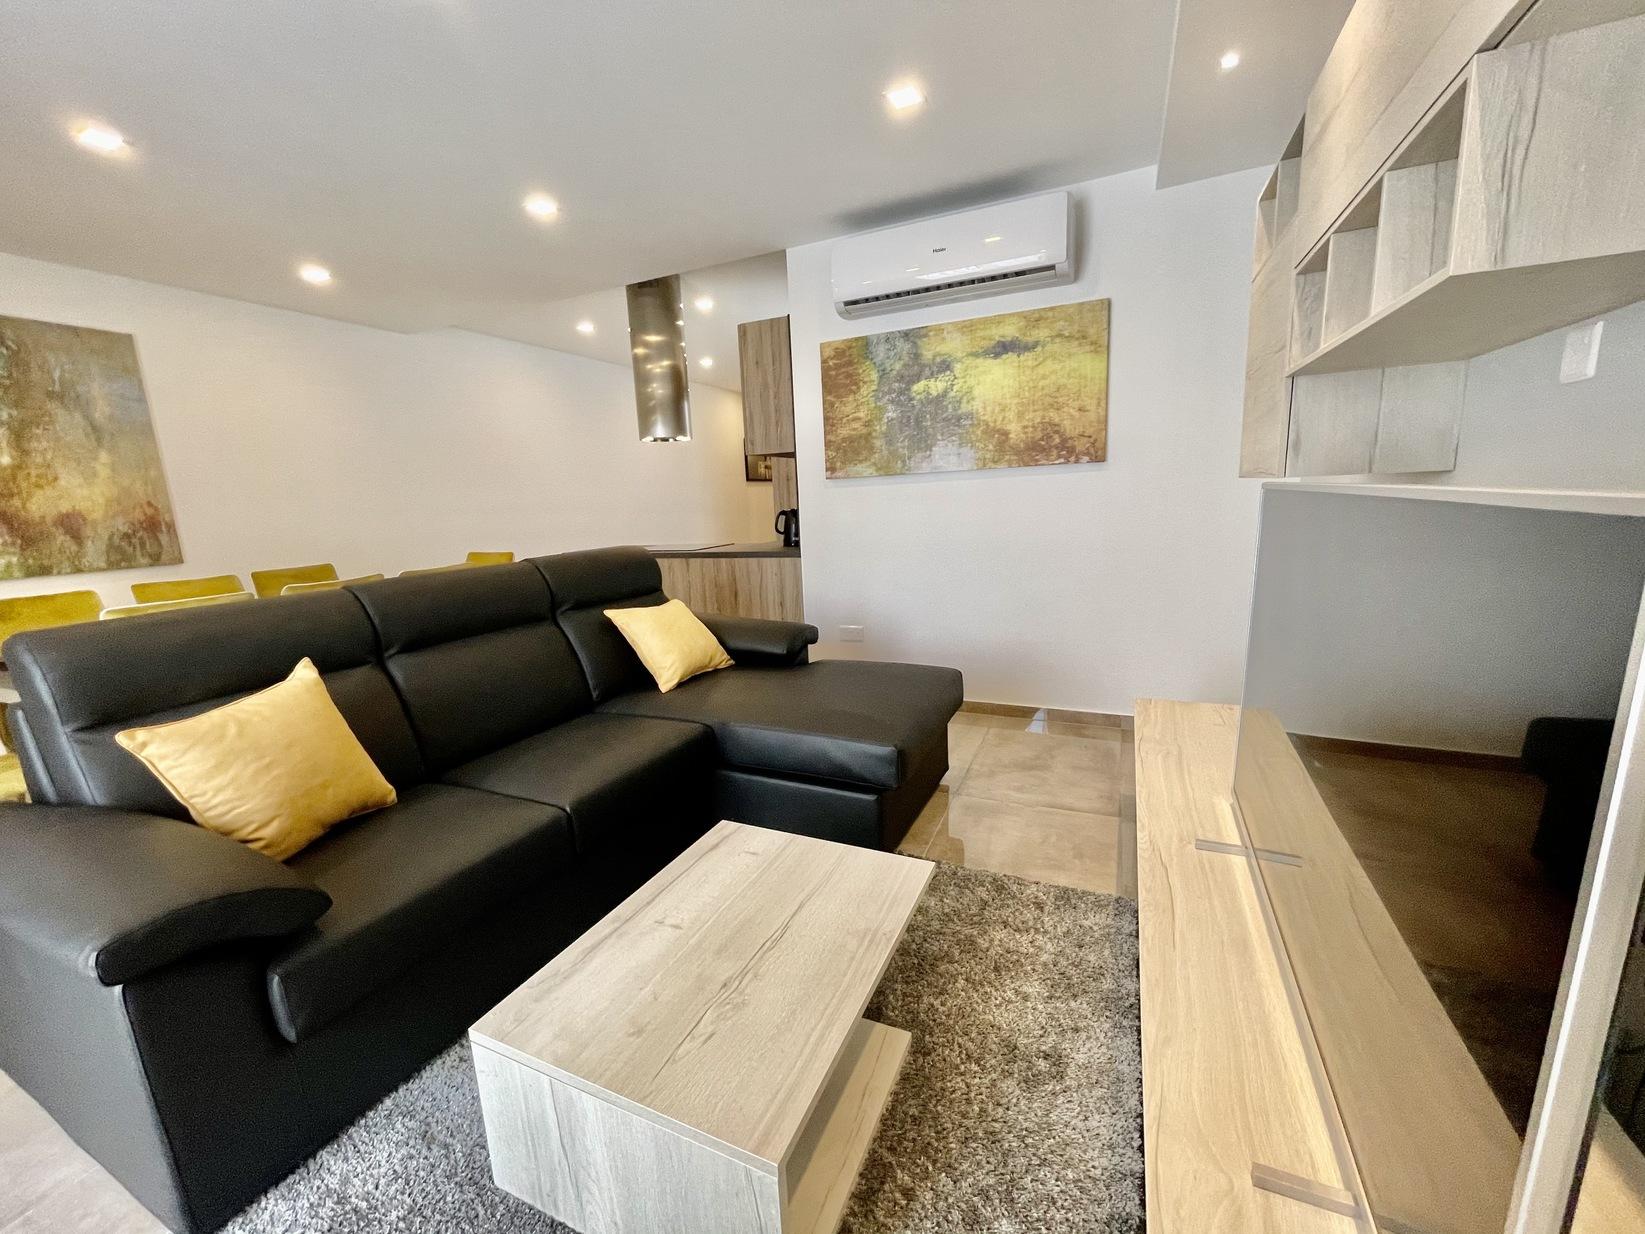 3 bed Apartment For Sale in Pieta, Pieta - thumb 3